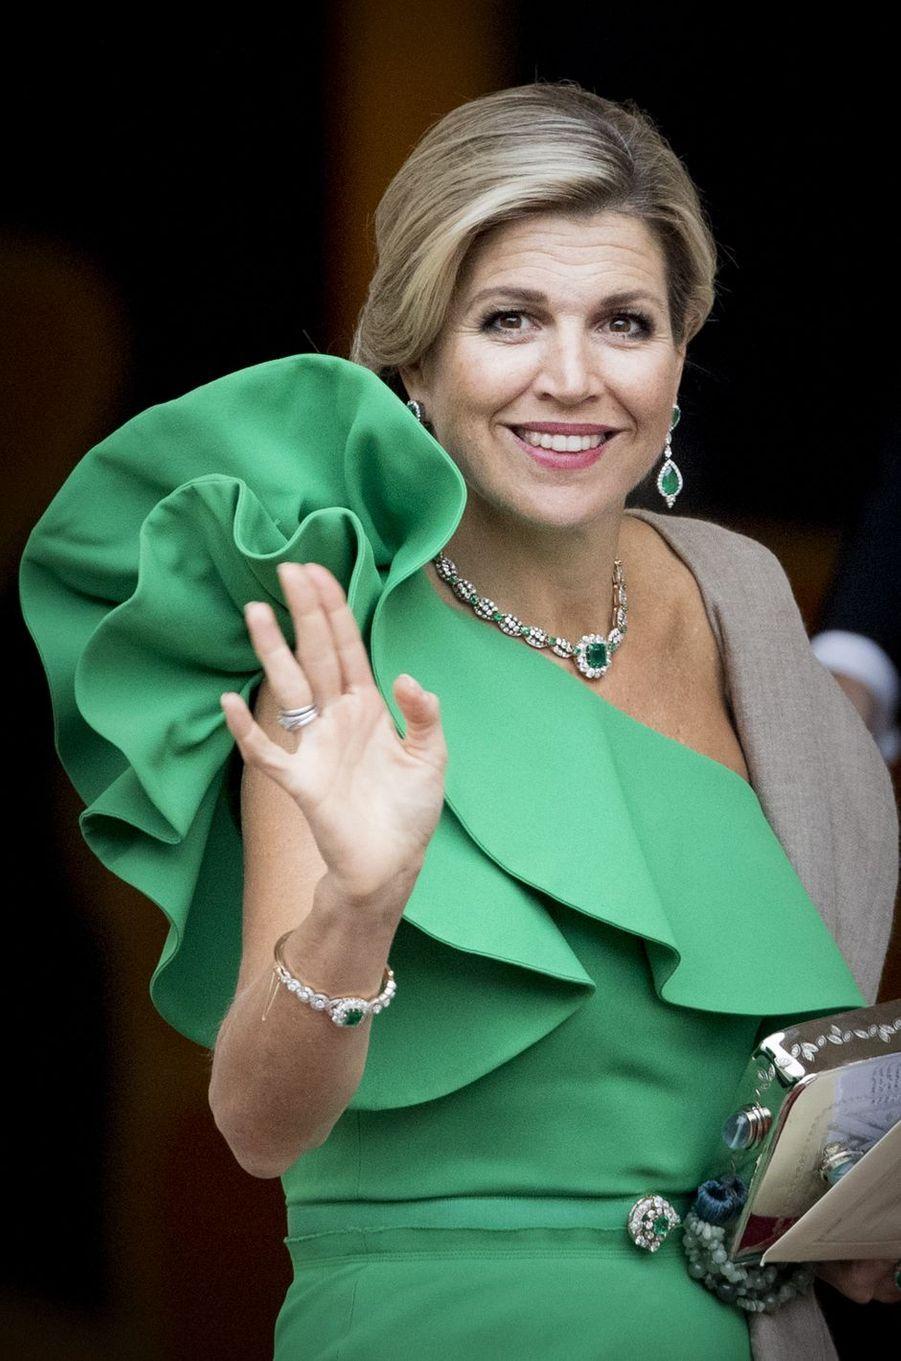 La reine Maxima des Pays-Bas devant le Palais Noordeinde à La Haye, le 13 septembre 2017